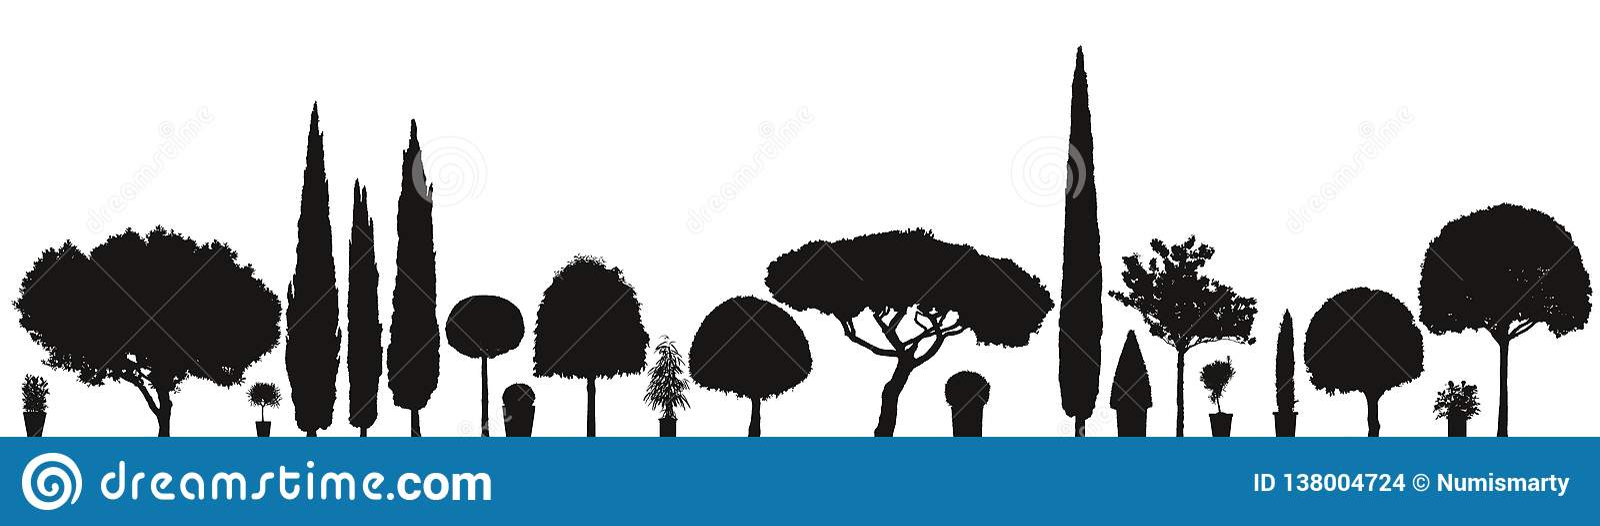 Grote verscheidenheid van vectorinstallaties en bomen